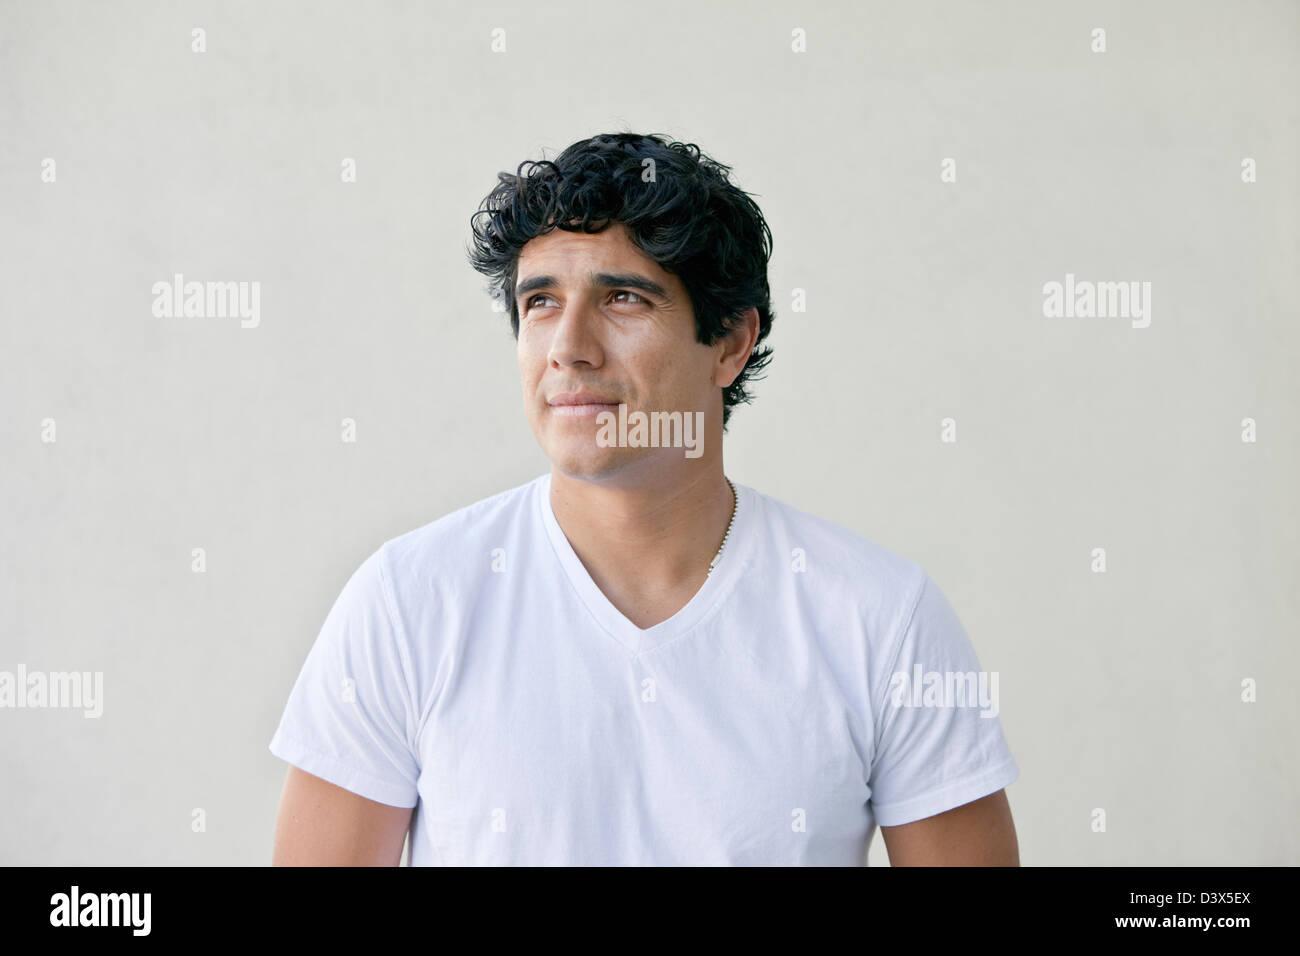 Pensando Ritratto di giovane adulto uomo Mexican-American Foto Stock